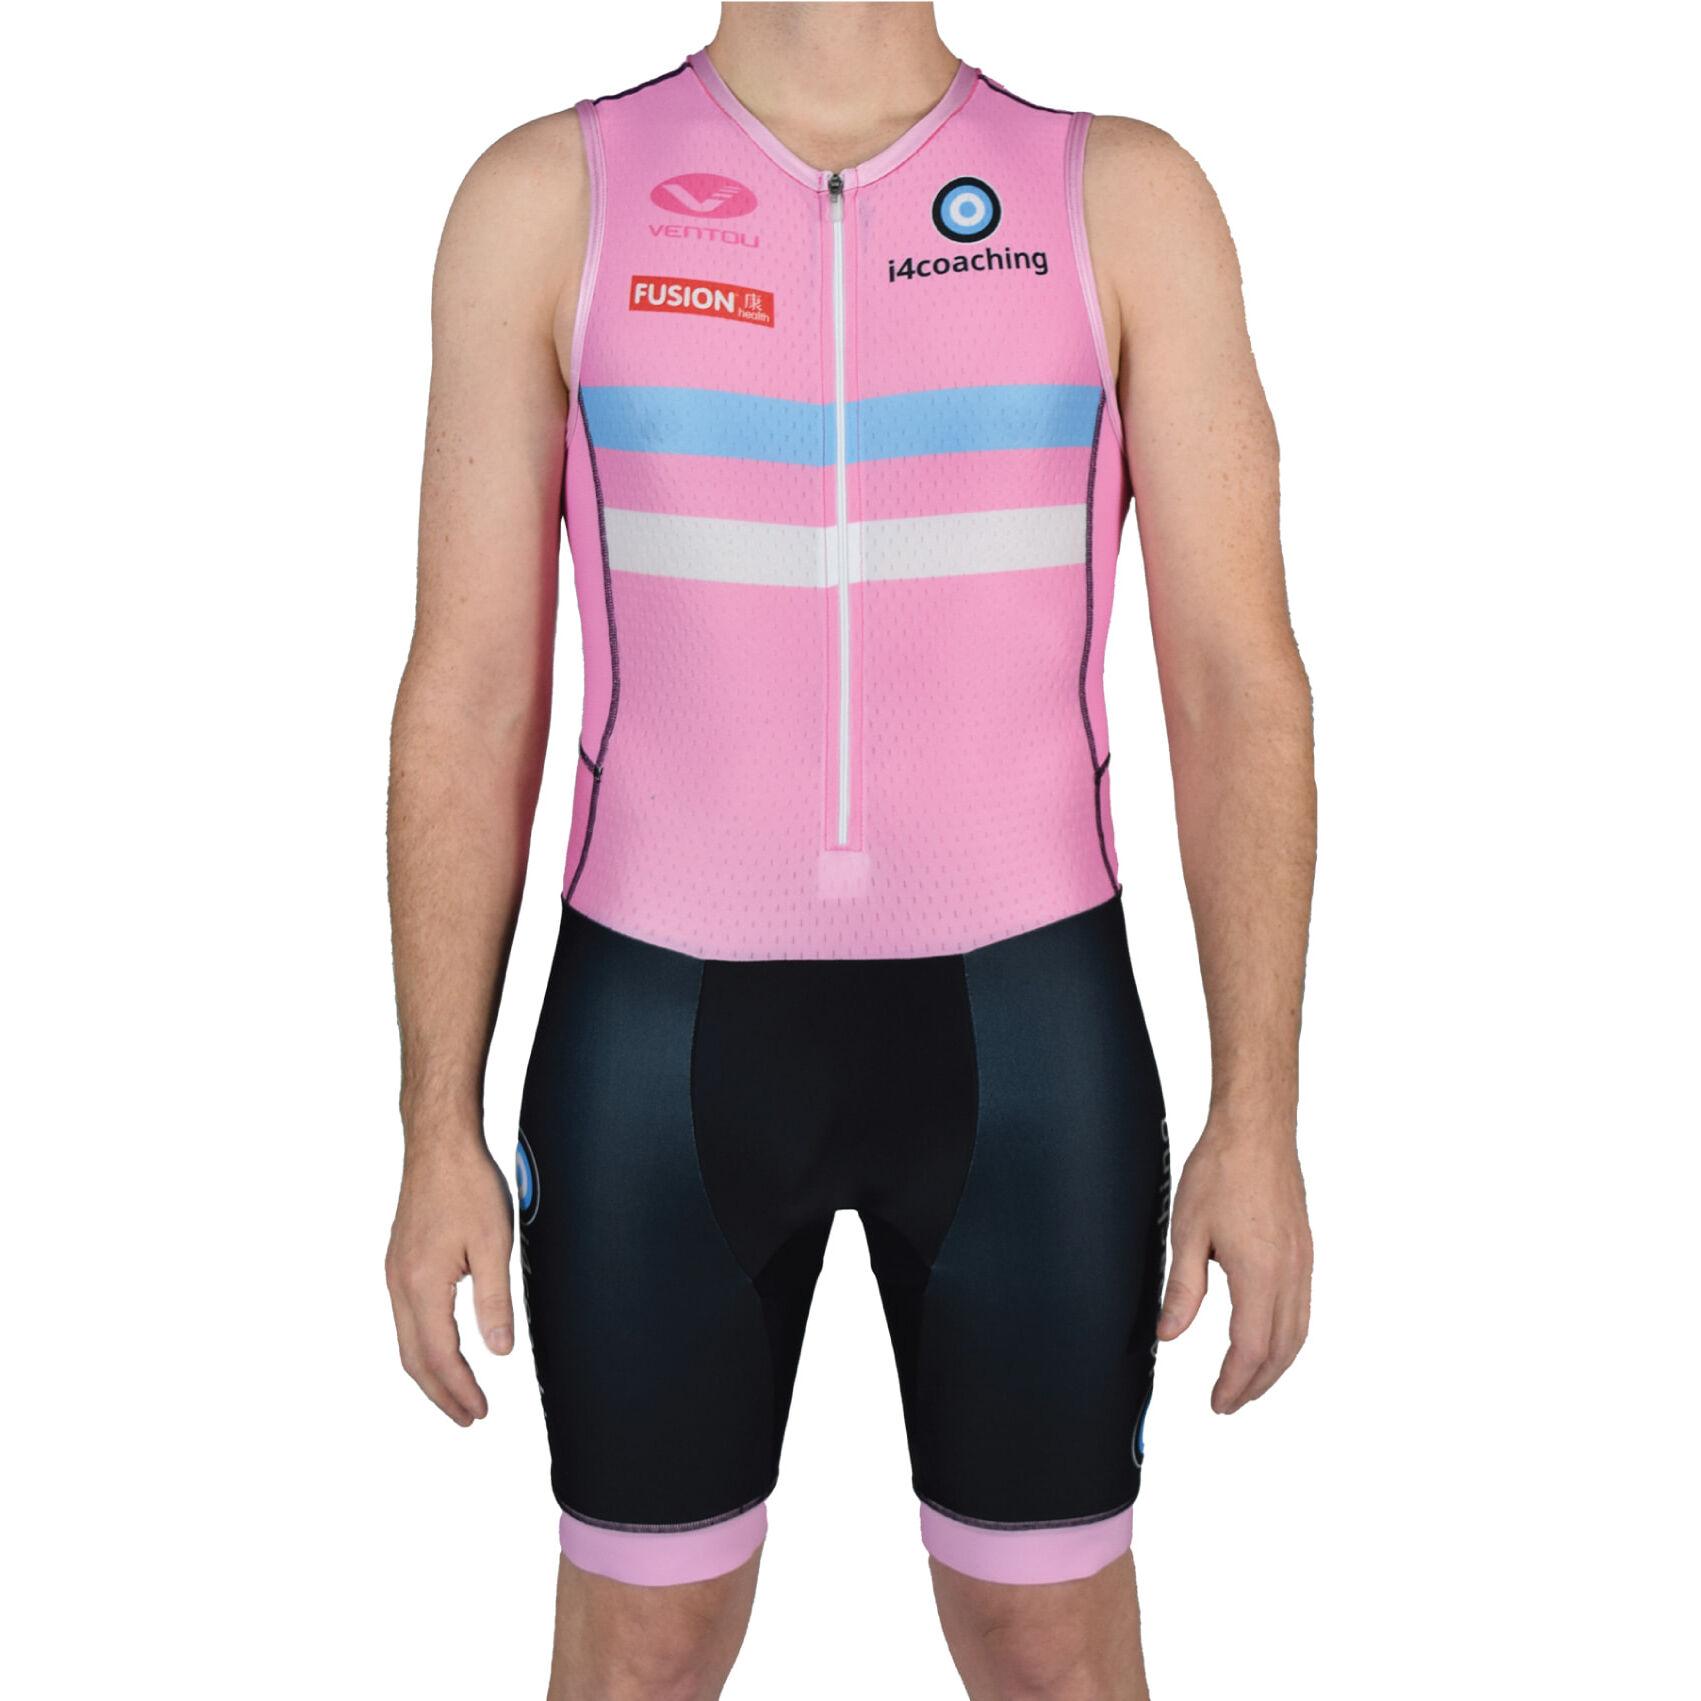 endurance-sleeveless-tri-suits-i4-coaching